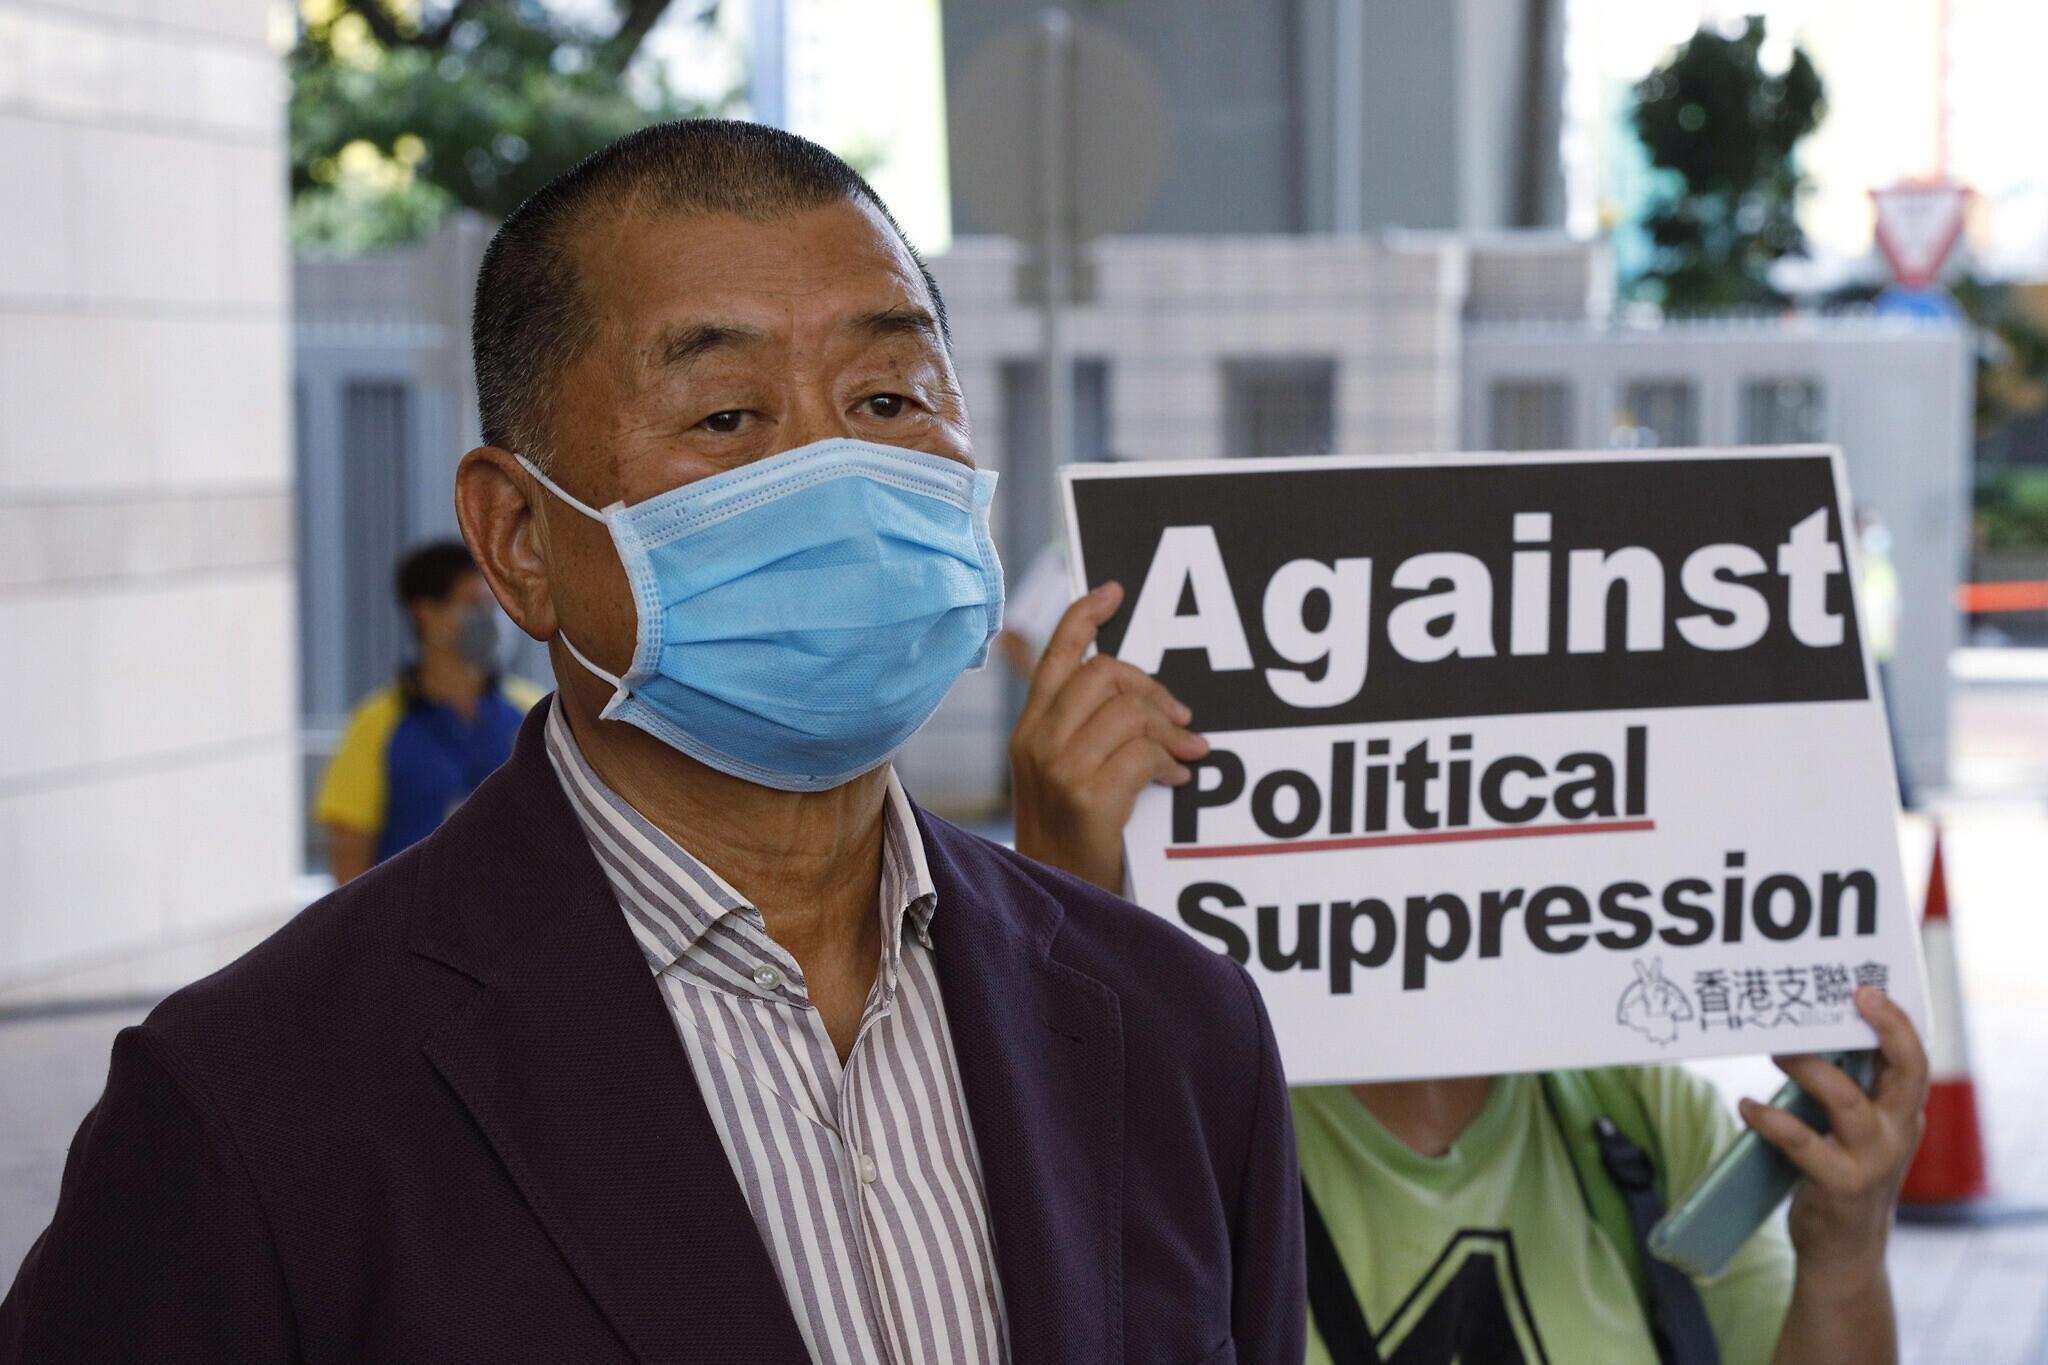 Jimmy Lai, mwanaharakati wa Demokrasia katika eneo la Hong Kong